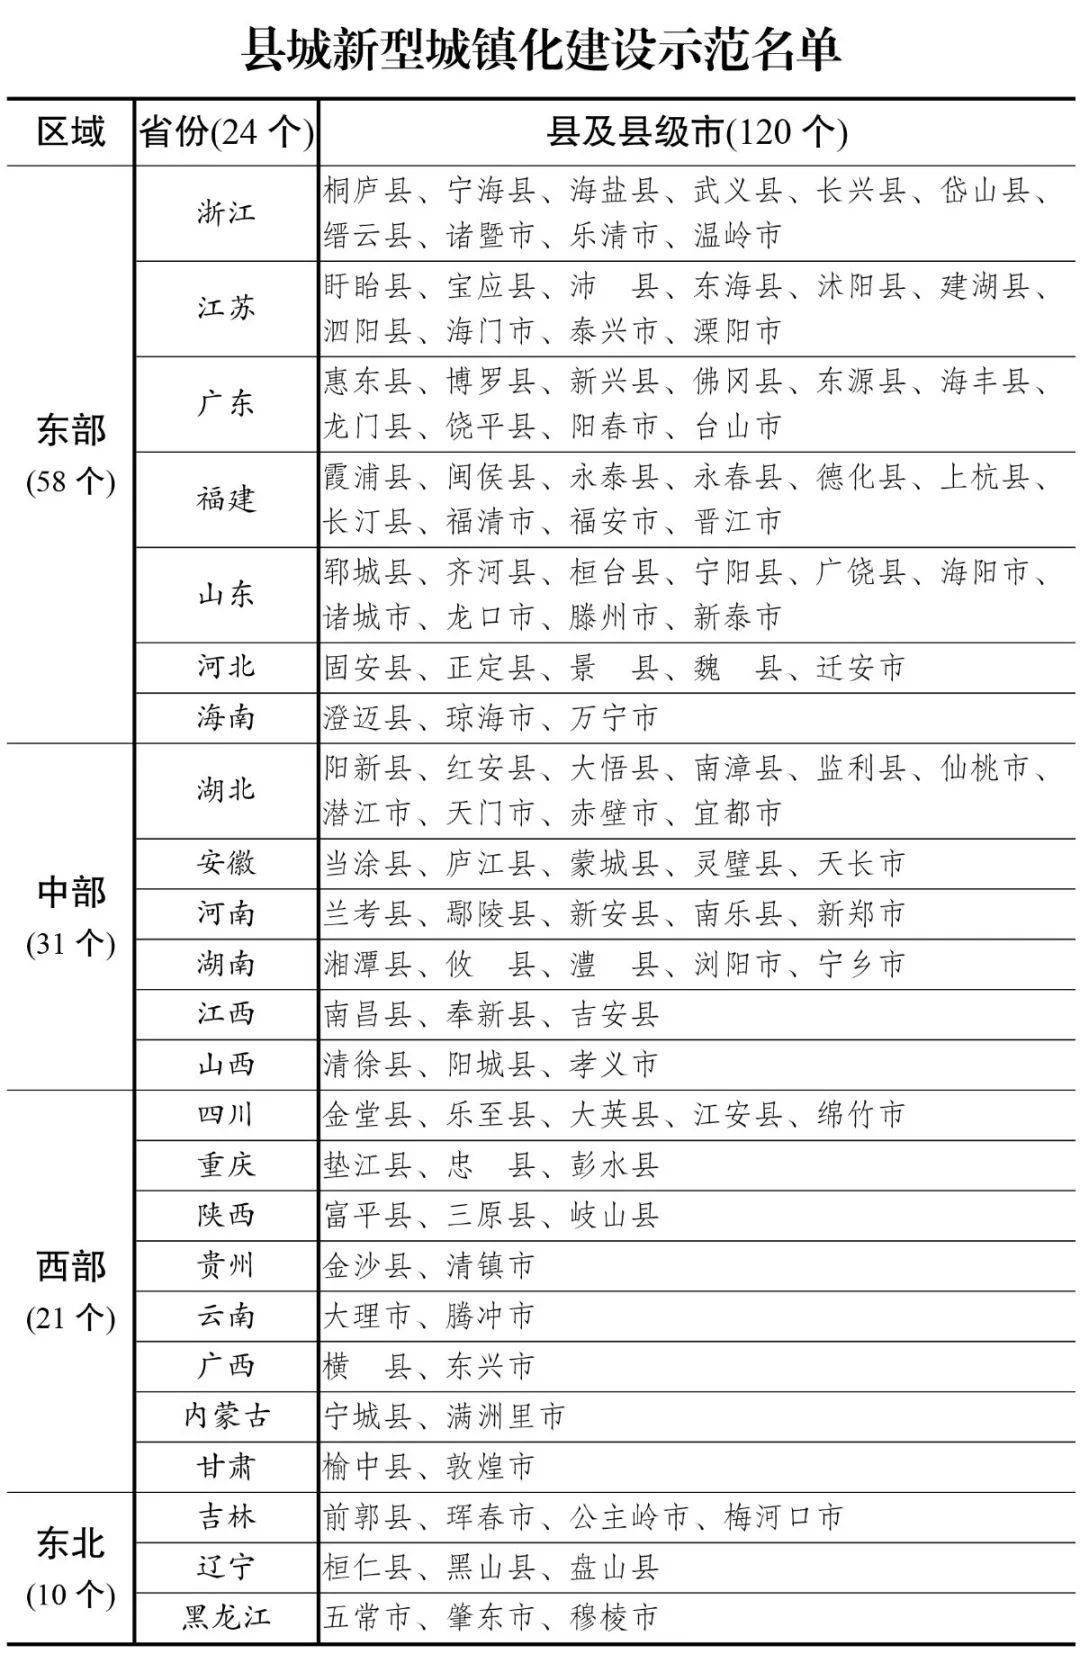 2020广饶县gdp_广饶县地图(3)